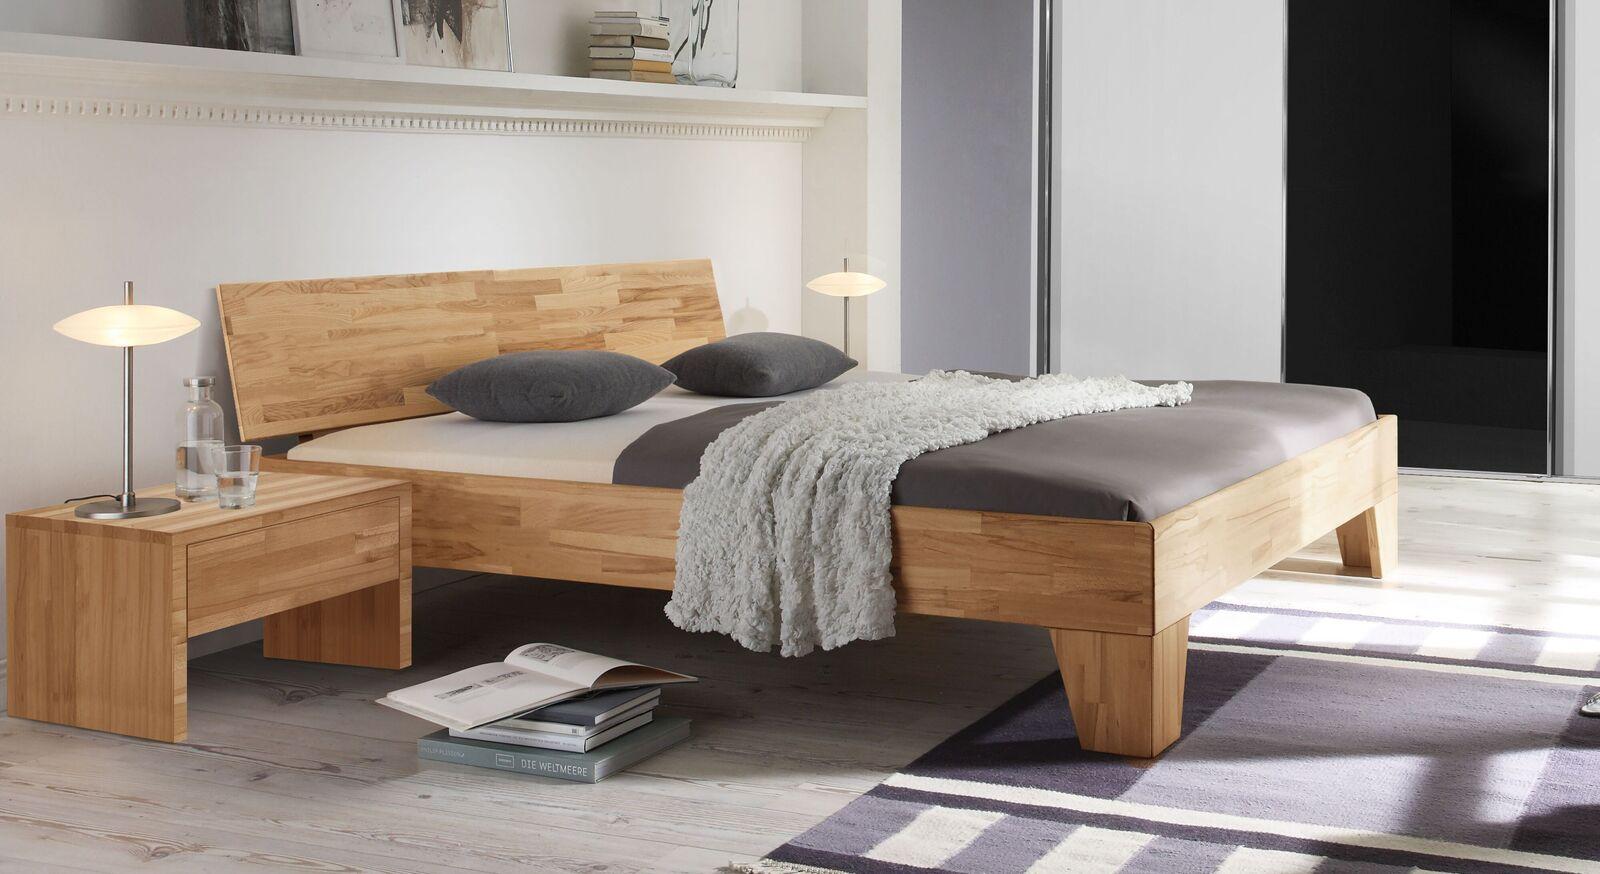 Bett Pimona aus Echtholz